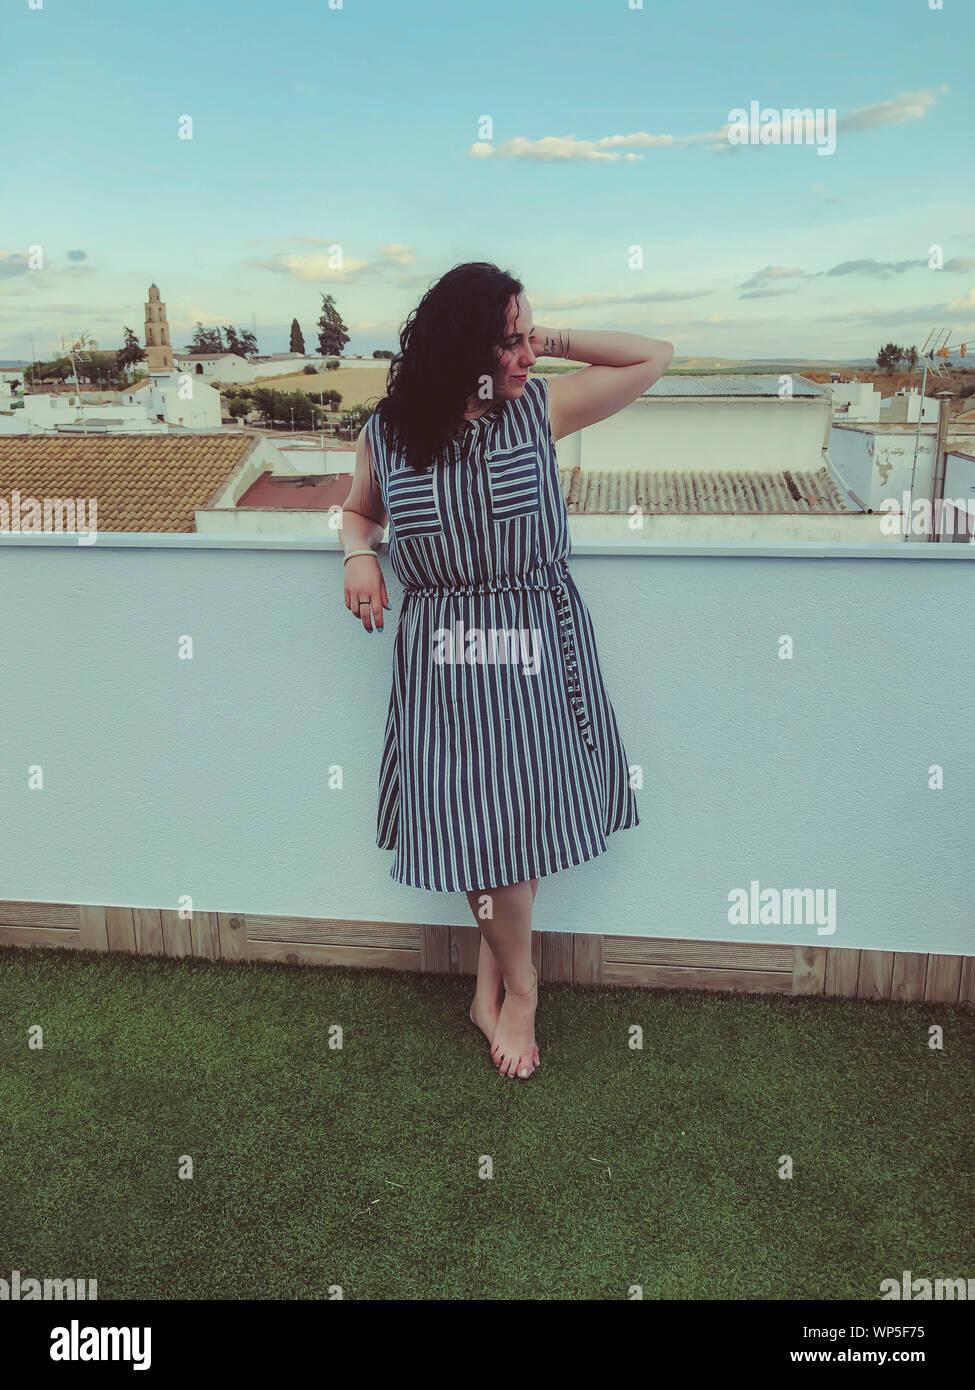 Mujer relajado en un traje a rayas y descalzo sobre el césped de la terraza Foto de stock